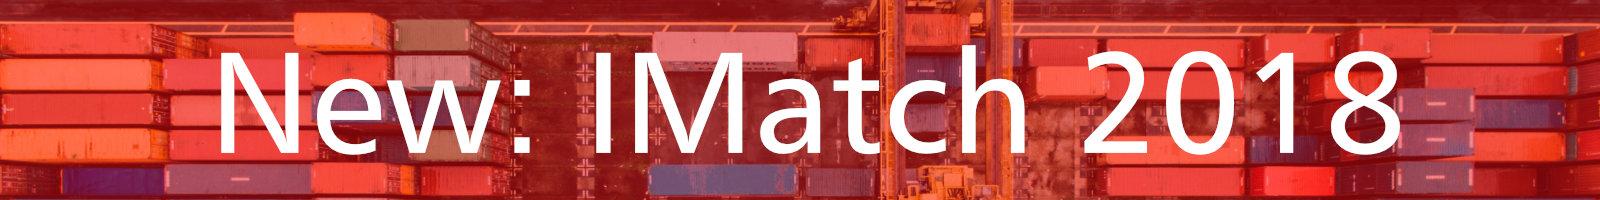 IMatch 2018 Teaser Banner